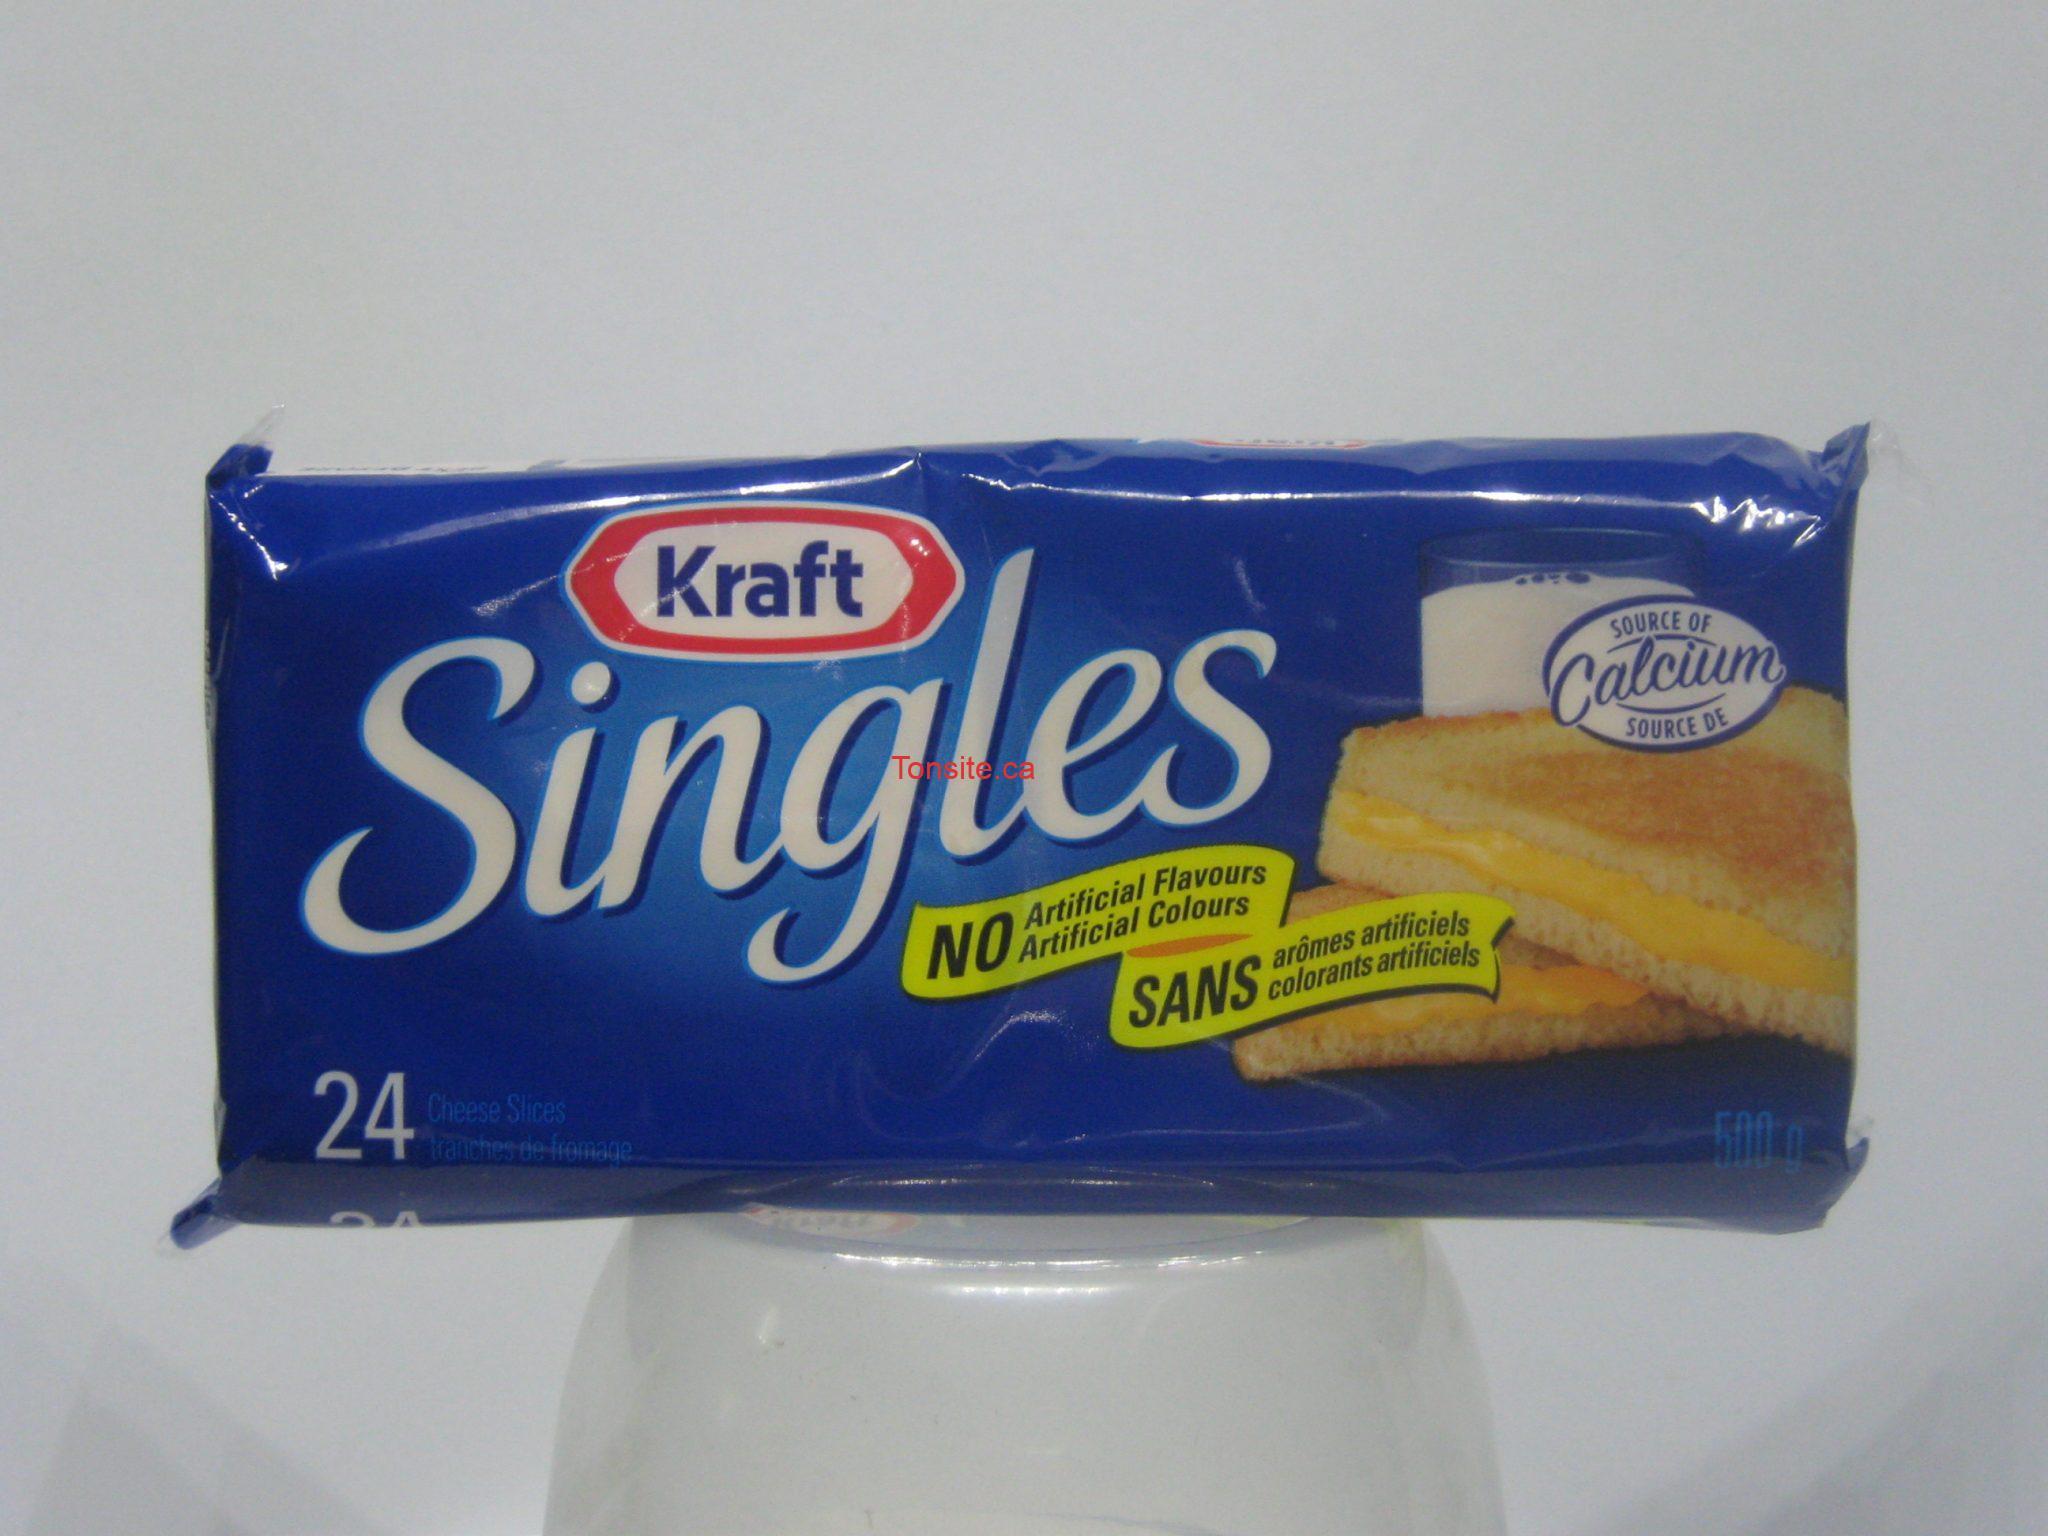 singles - Fromage en tranches Singles de Kraft à 1,72$ après coupon!